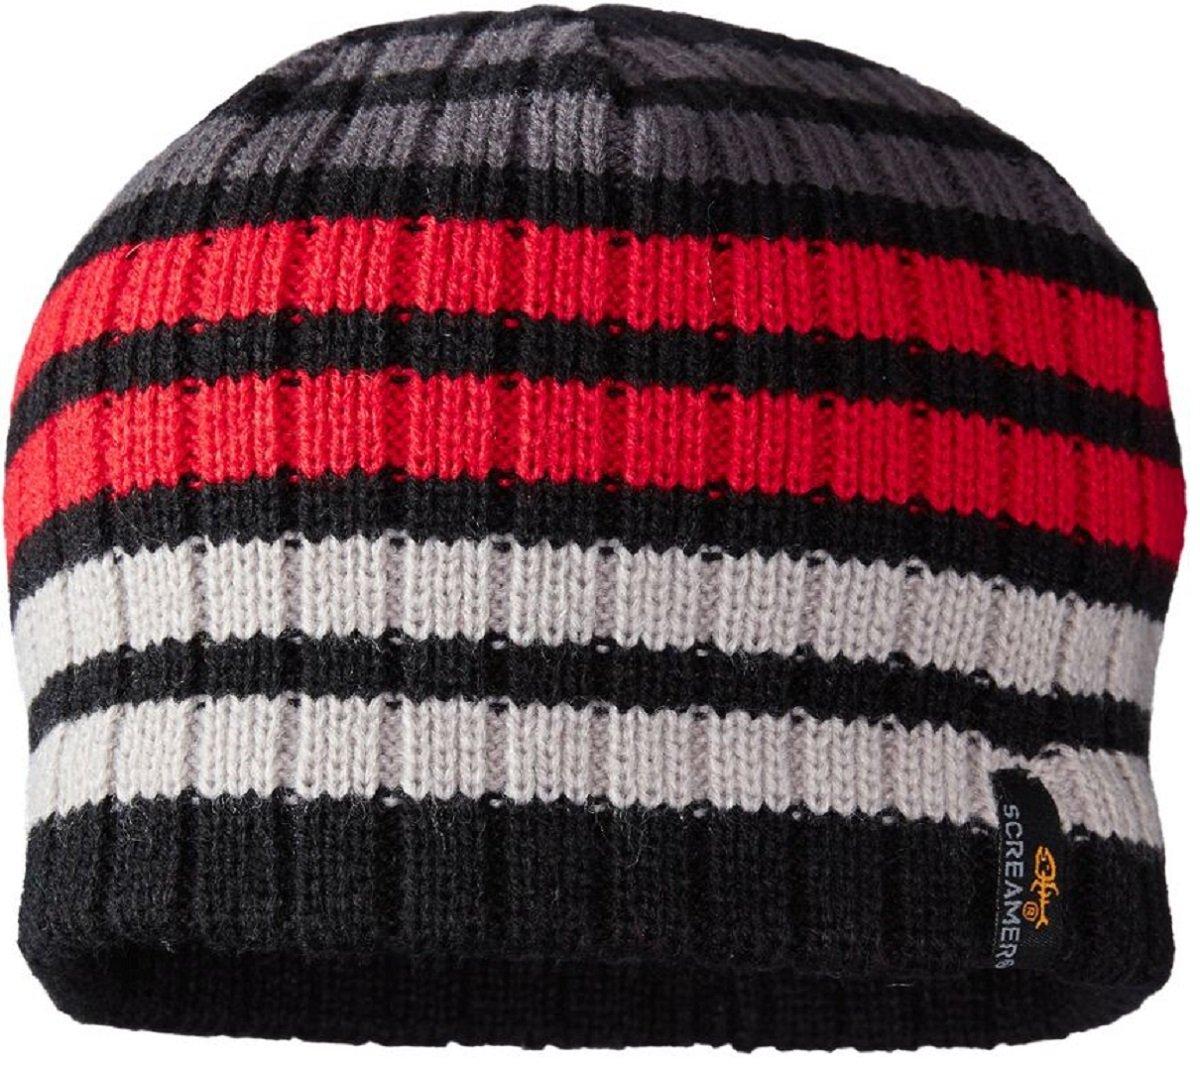 Screamer Kids' Dodge Ball Beanie, Black/Red/Charcoal, One-Size